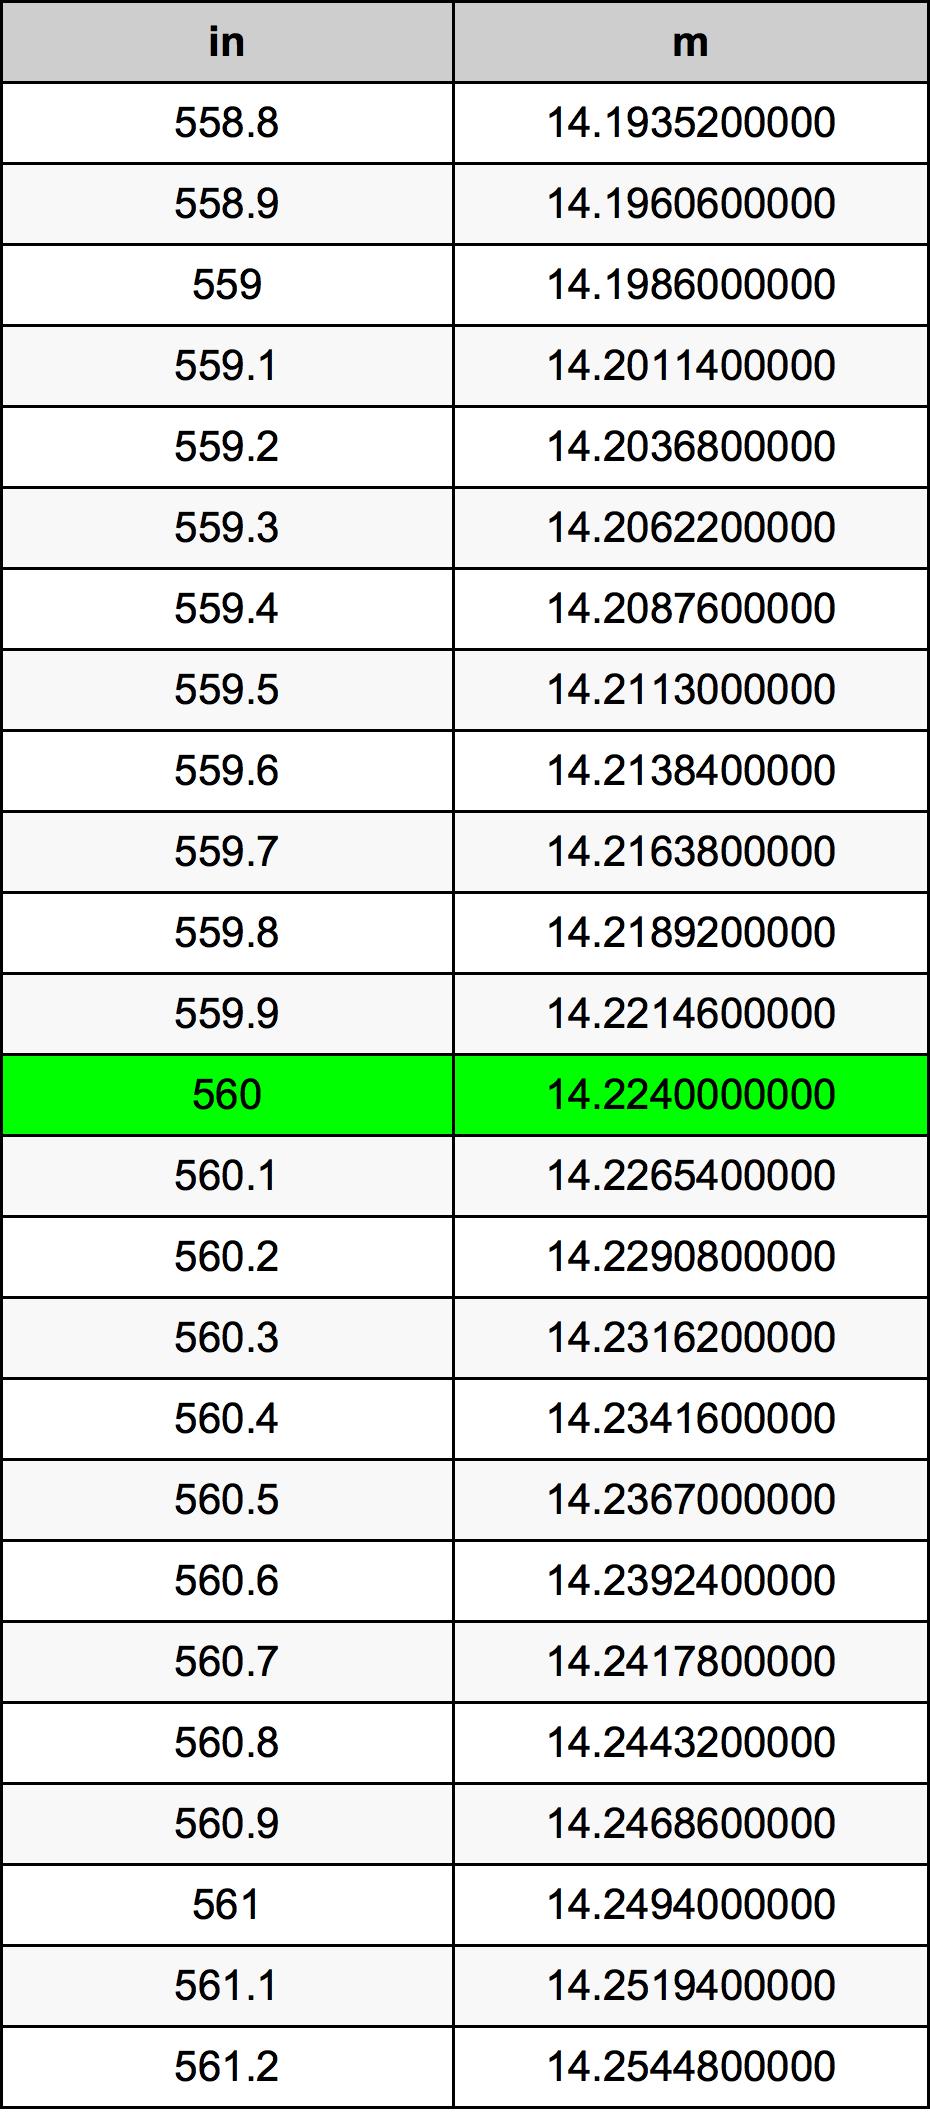 560 Polegada tabela de conversão